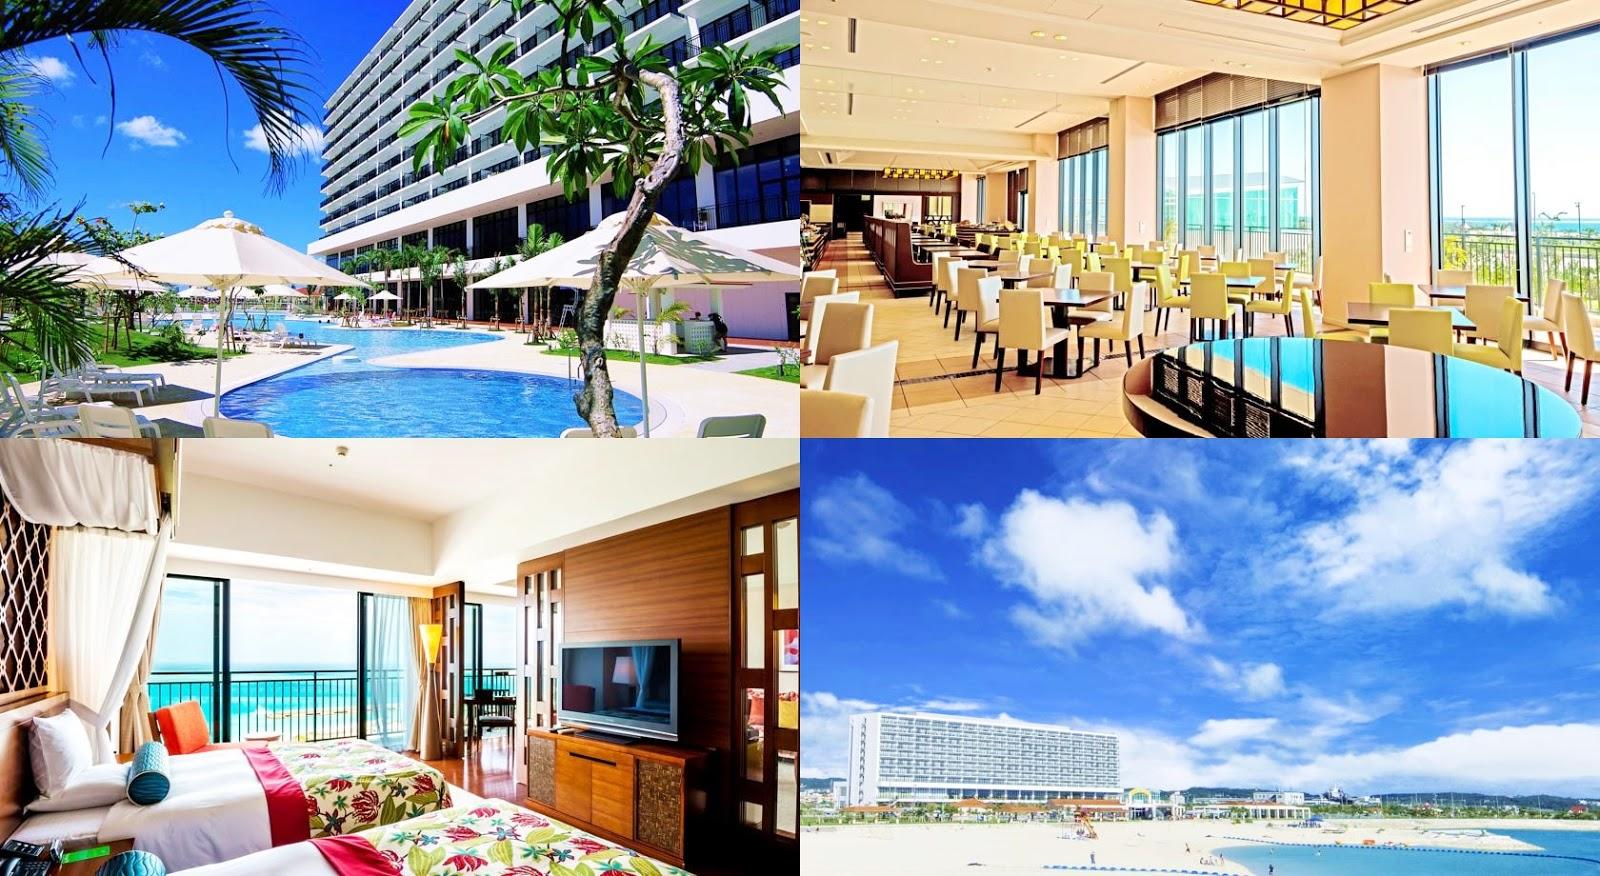 沖繩-住宿-推薦-飯店-旅館-民宿-公寓-南方海灘度假酒店-Southern-Beach-Hotel&Resort-Okinawa-hotel-recommendation